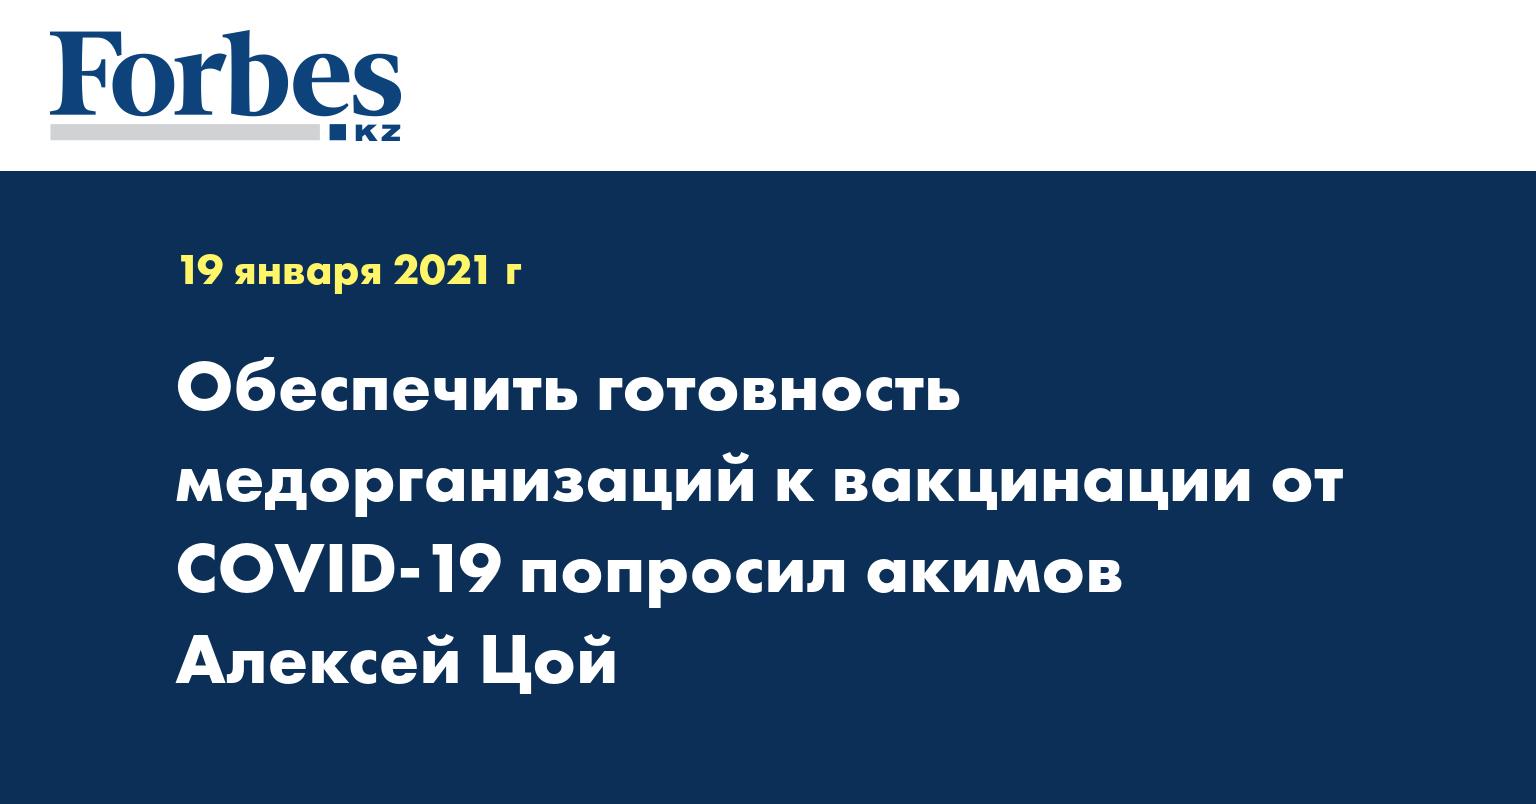 Обеспечить готовность медорганизаций к вакцинации от COVID-19 попросил акимов Алексей Цой